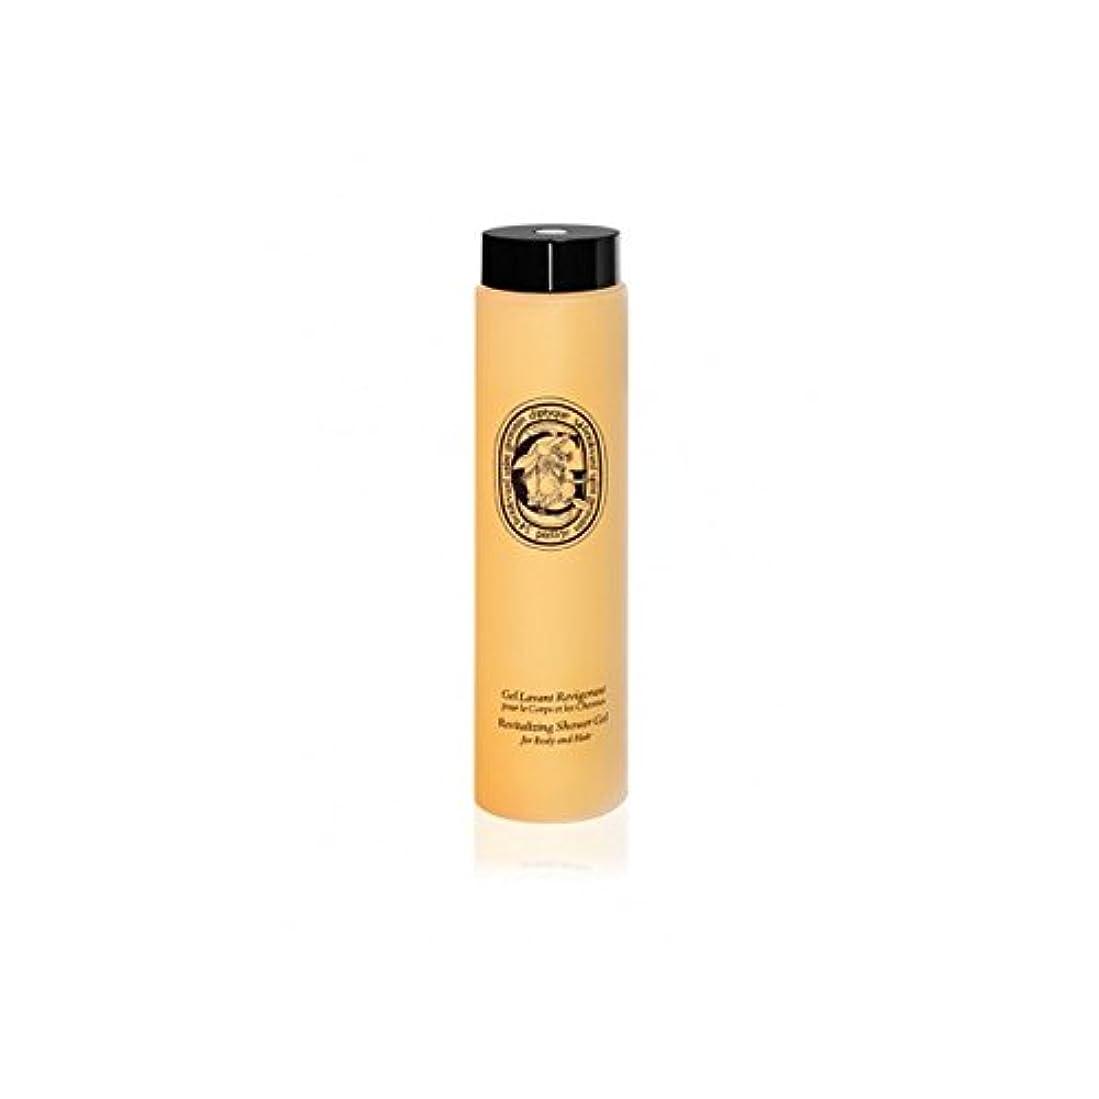 不利益フックの前でボディ、ヘア200ミリリットルのためDiptyqueのリバイタライジングシャワージェル - Diptyque Revitalizing Shower Gel For Body And Hair 200ml (Diptyque) [並行輸入品]